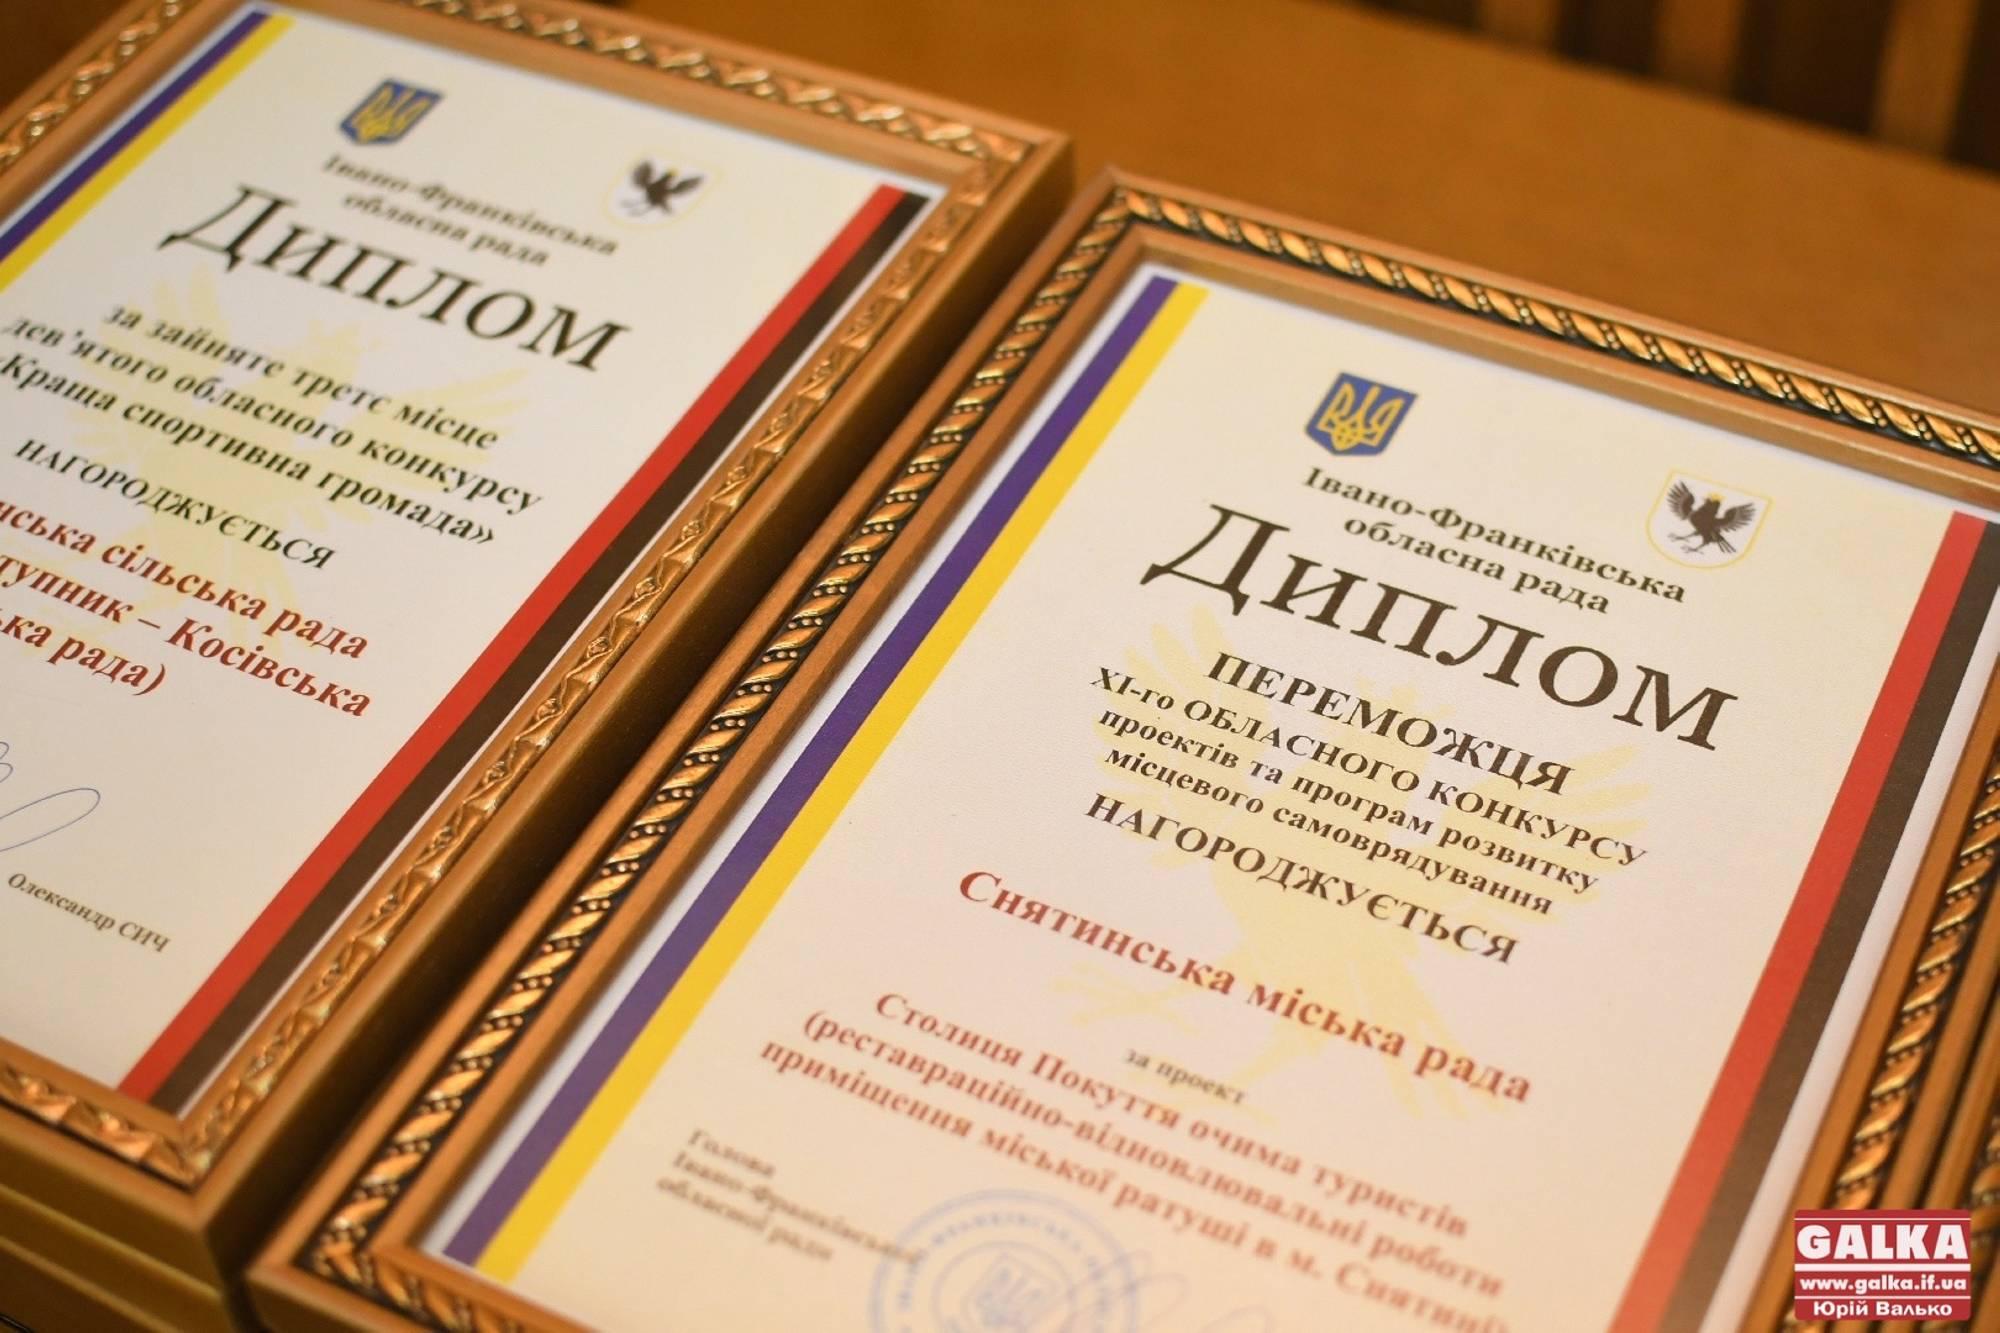 Нагородили переможців конкурсу проєктів і програм Івано-Франківської області (ФОТОРЕПОРТАЖ)